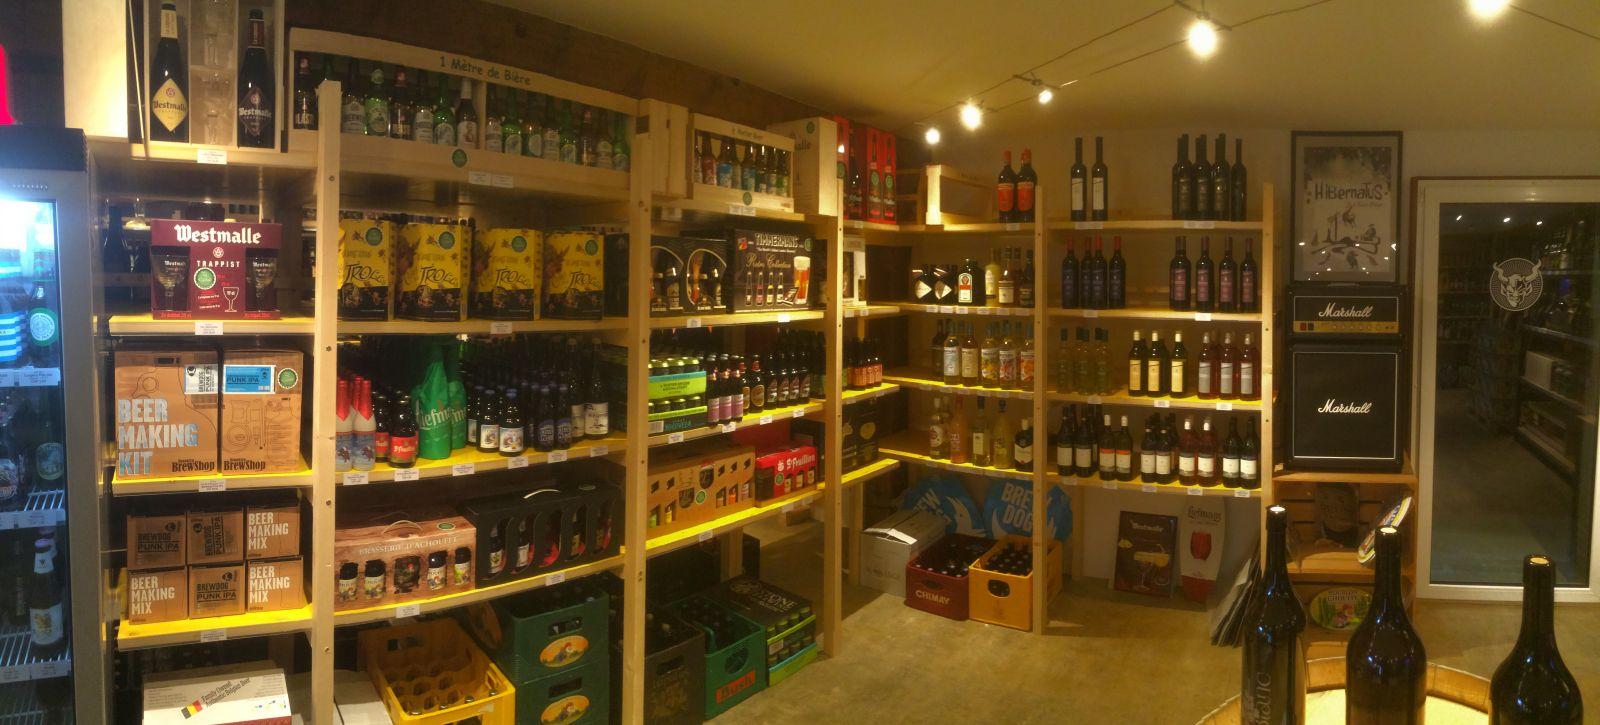 la capsule beer shop gland magasin de bi re fournisseur boissons. Black Bedroom Furniture Sets. Home Design Ideas